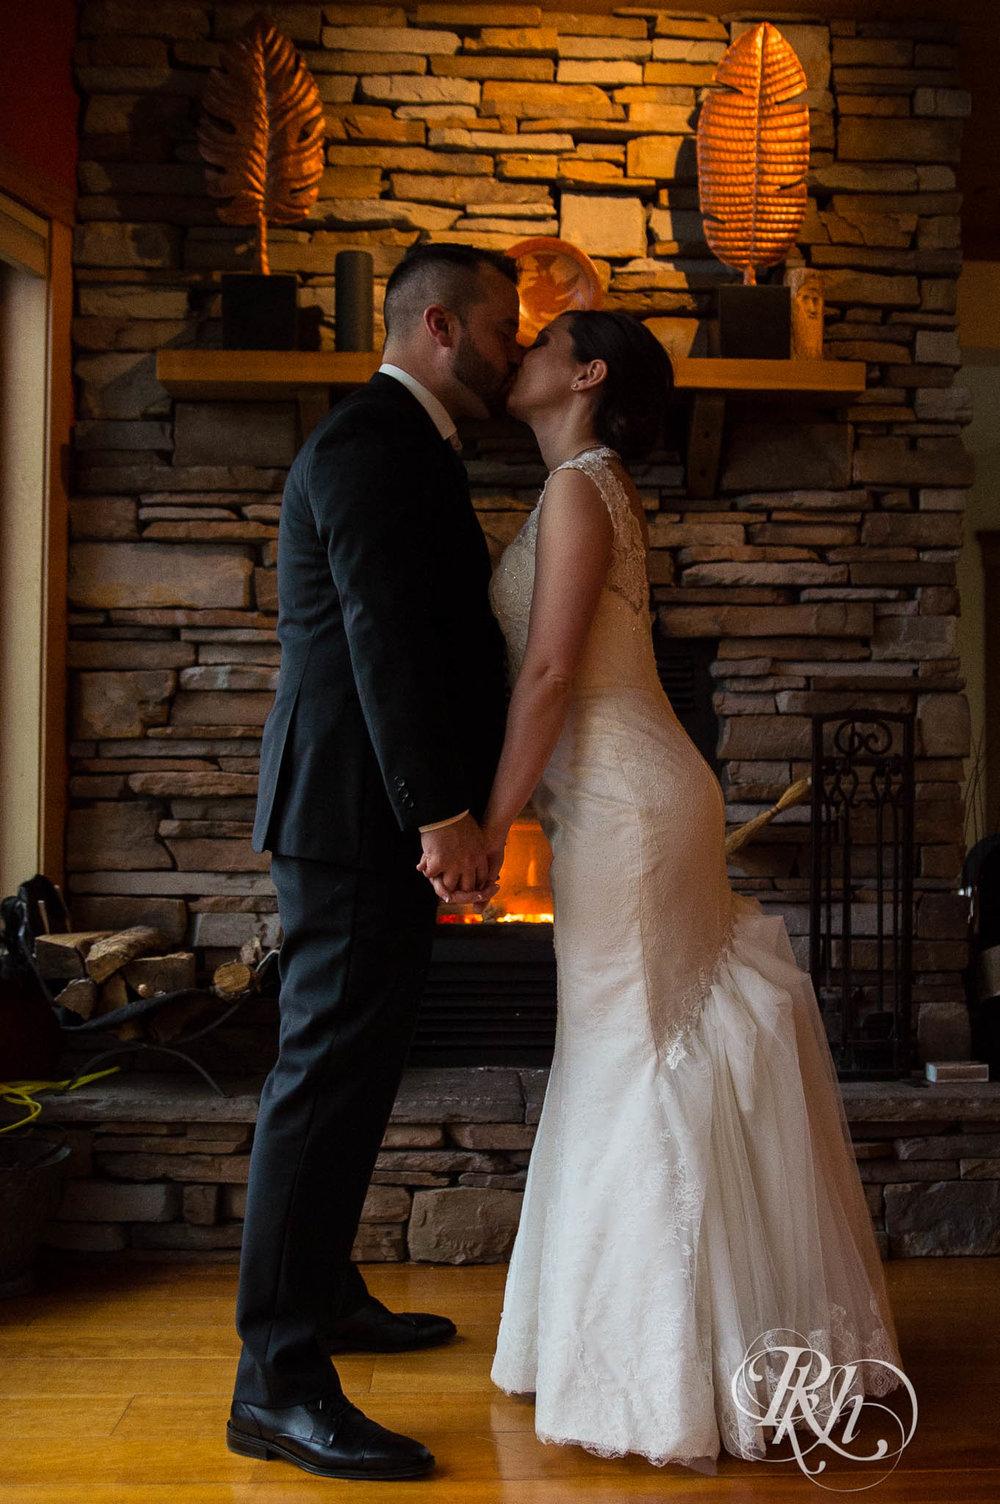 Tonya & Steve - Minnesota Wedding Photograhper - RKH Images - Blog (50 of 53).jpg